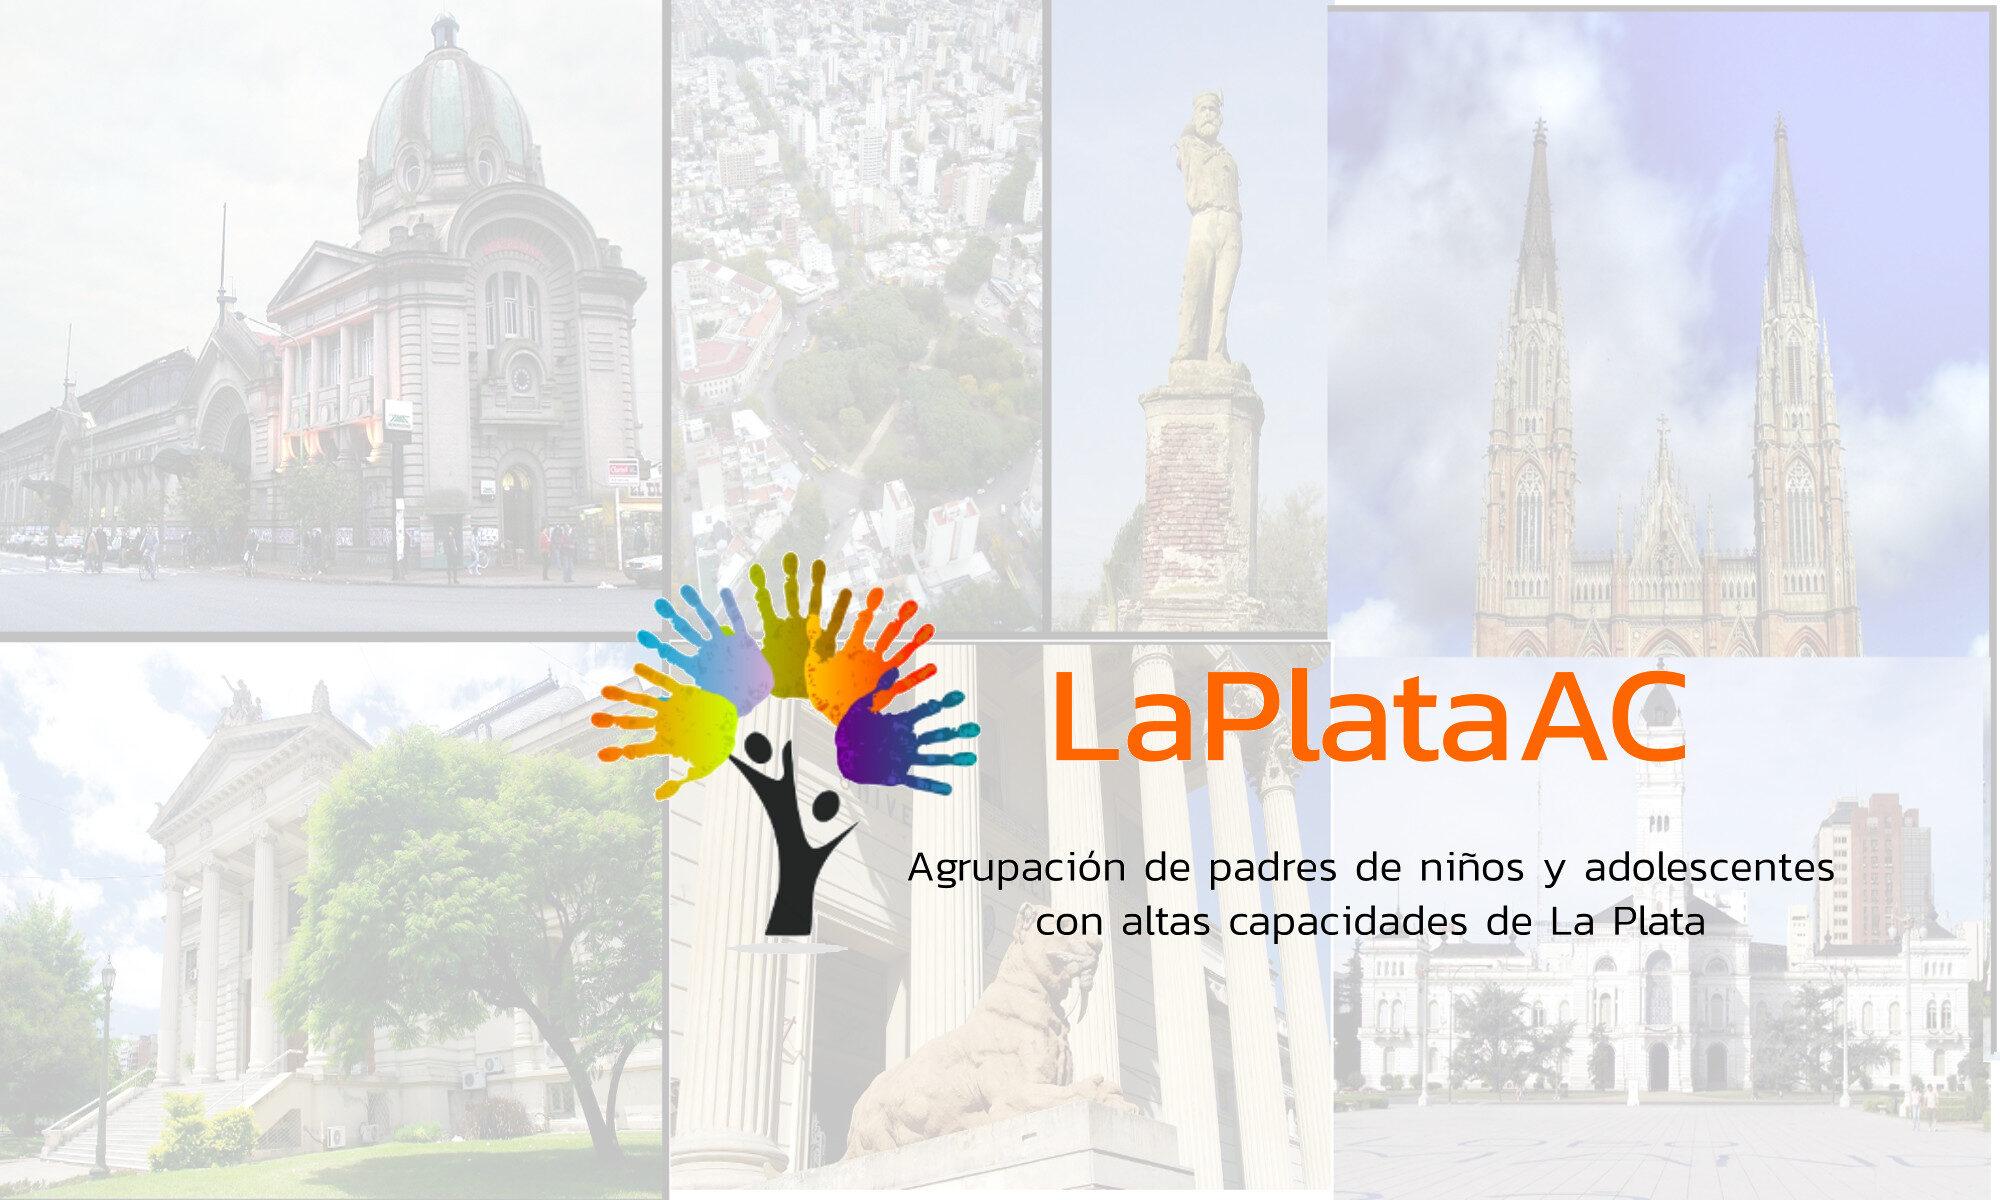 LaPlataAC